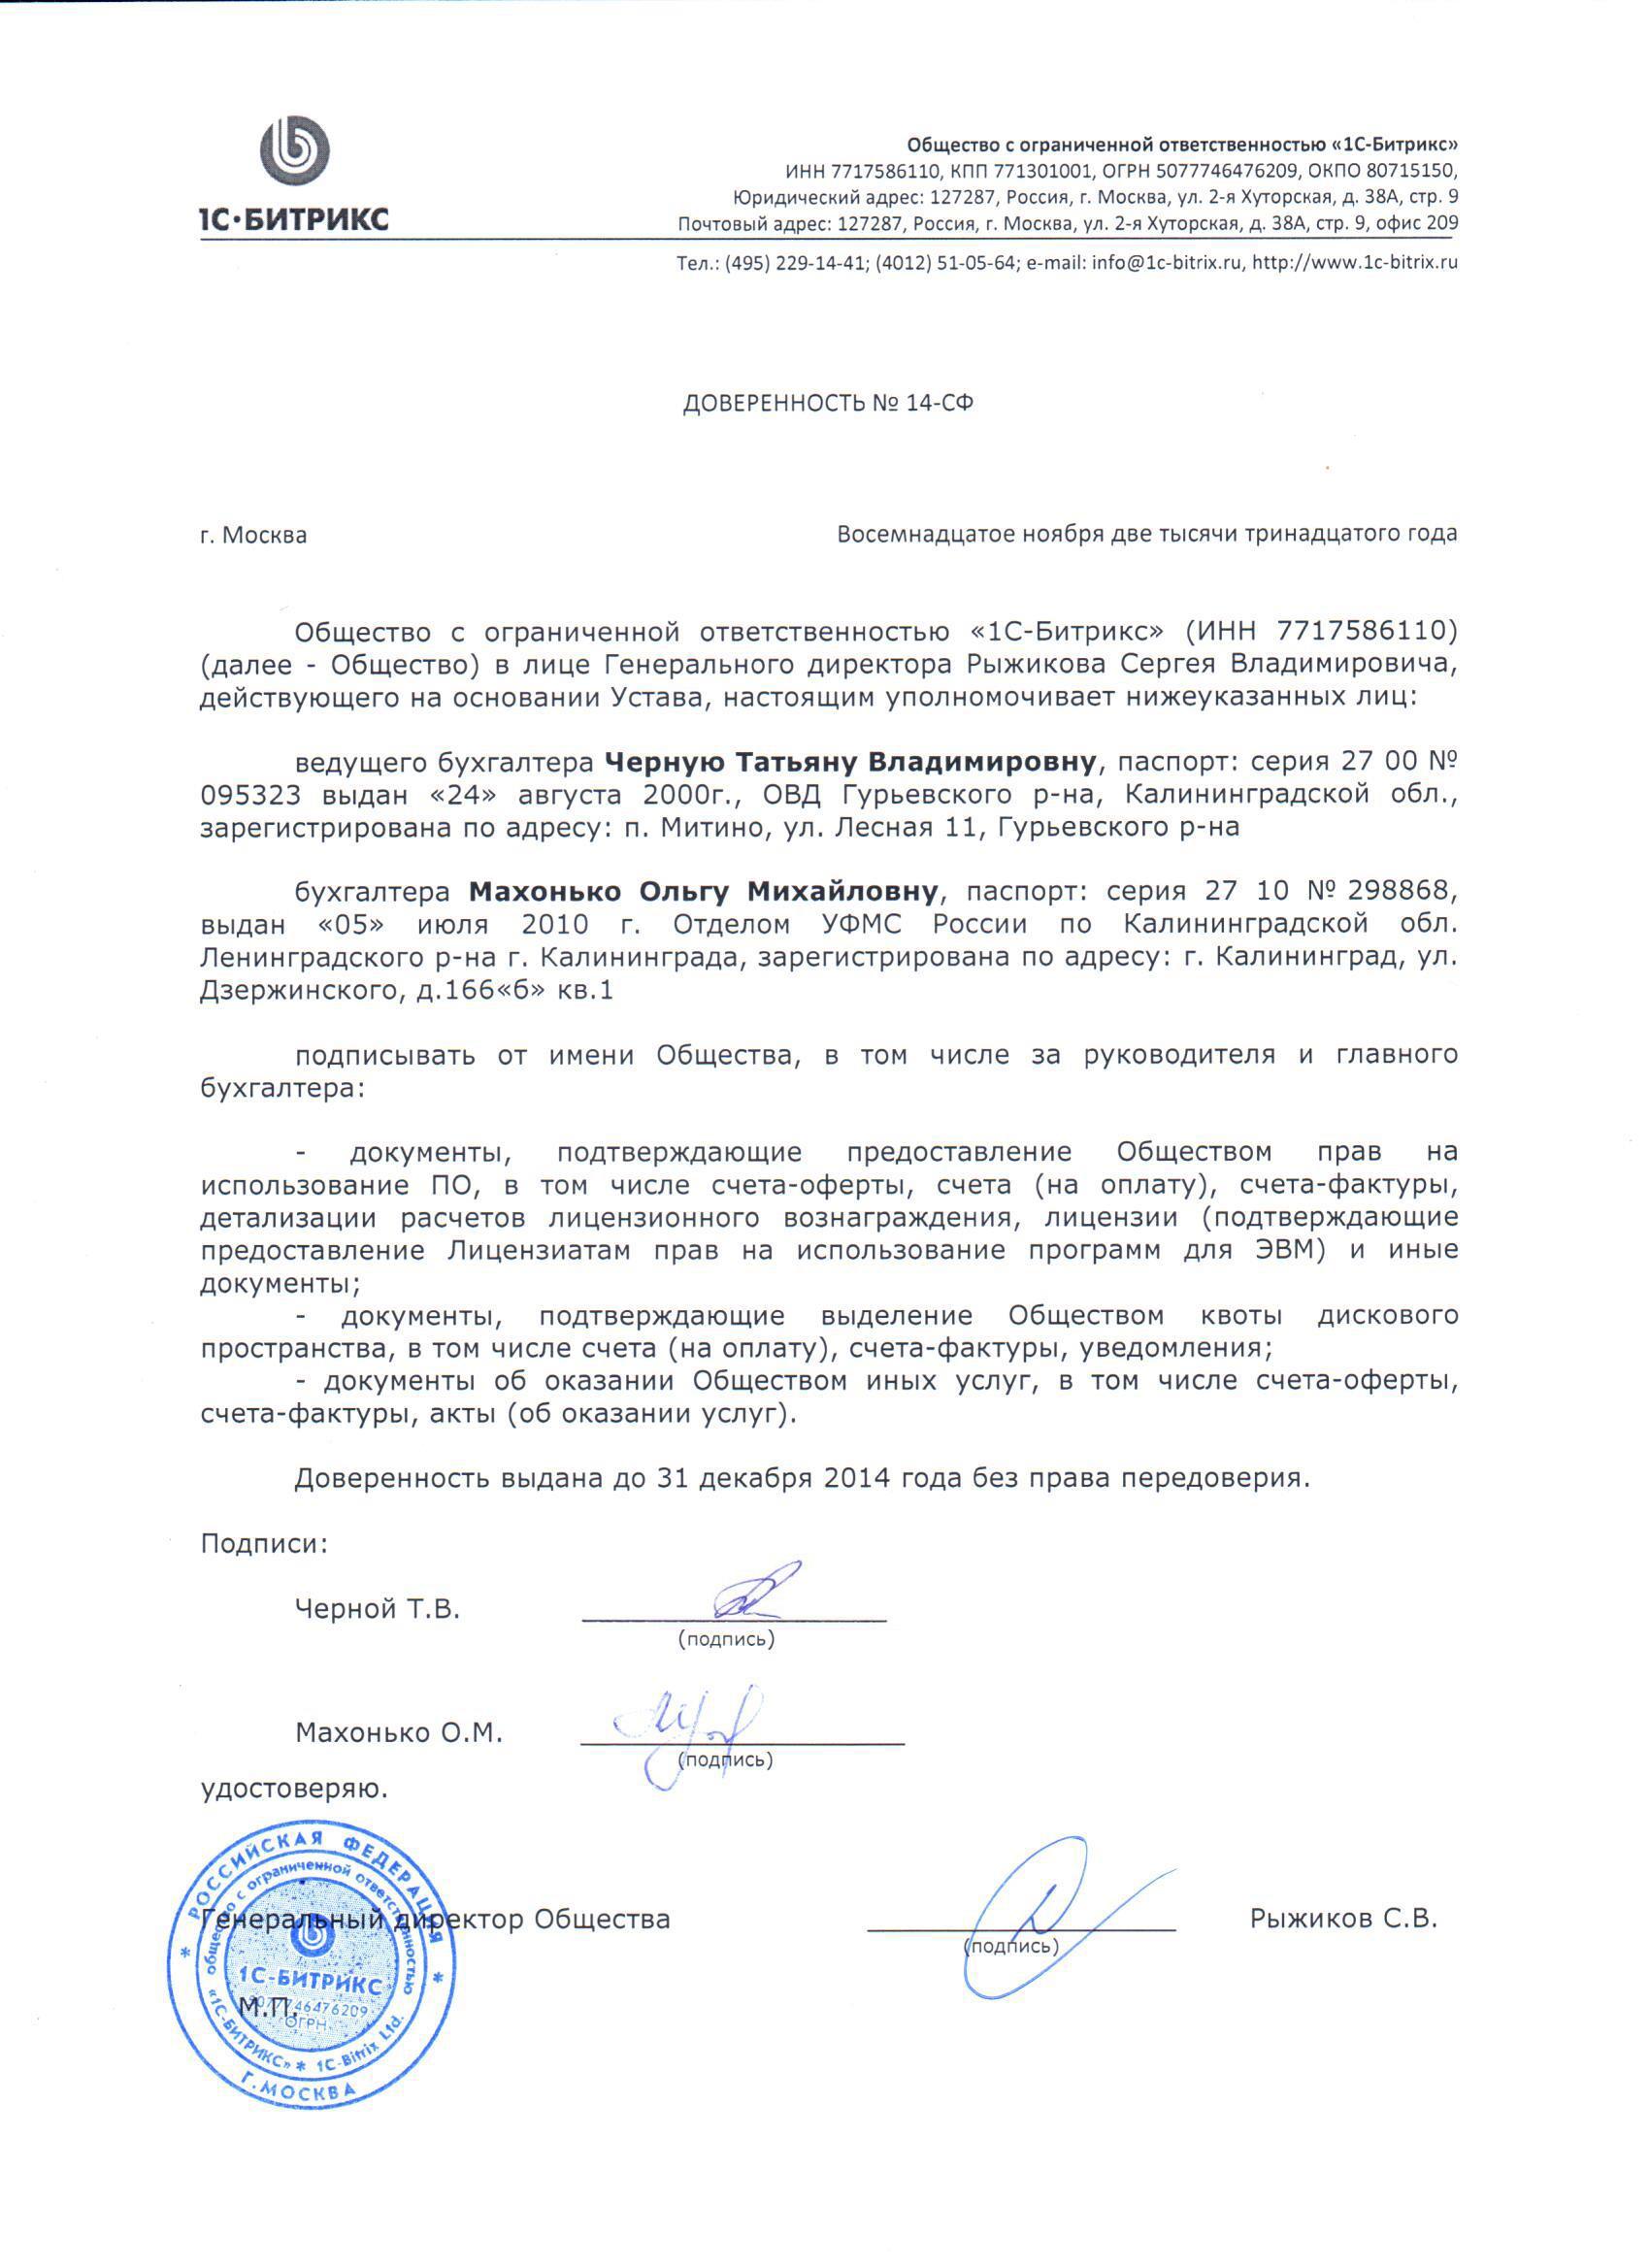 бланк доверенности в казахстане